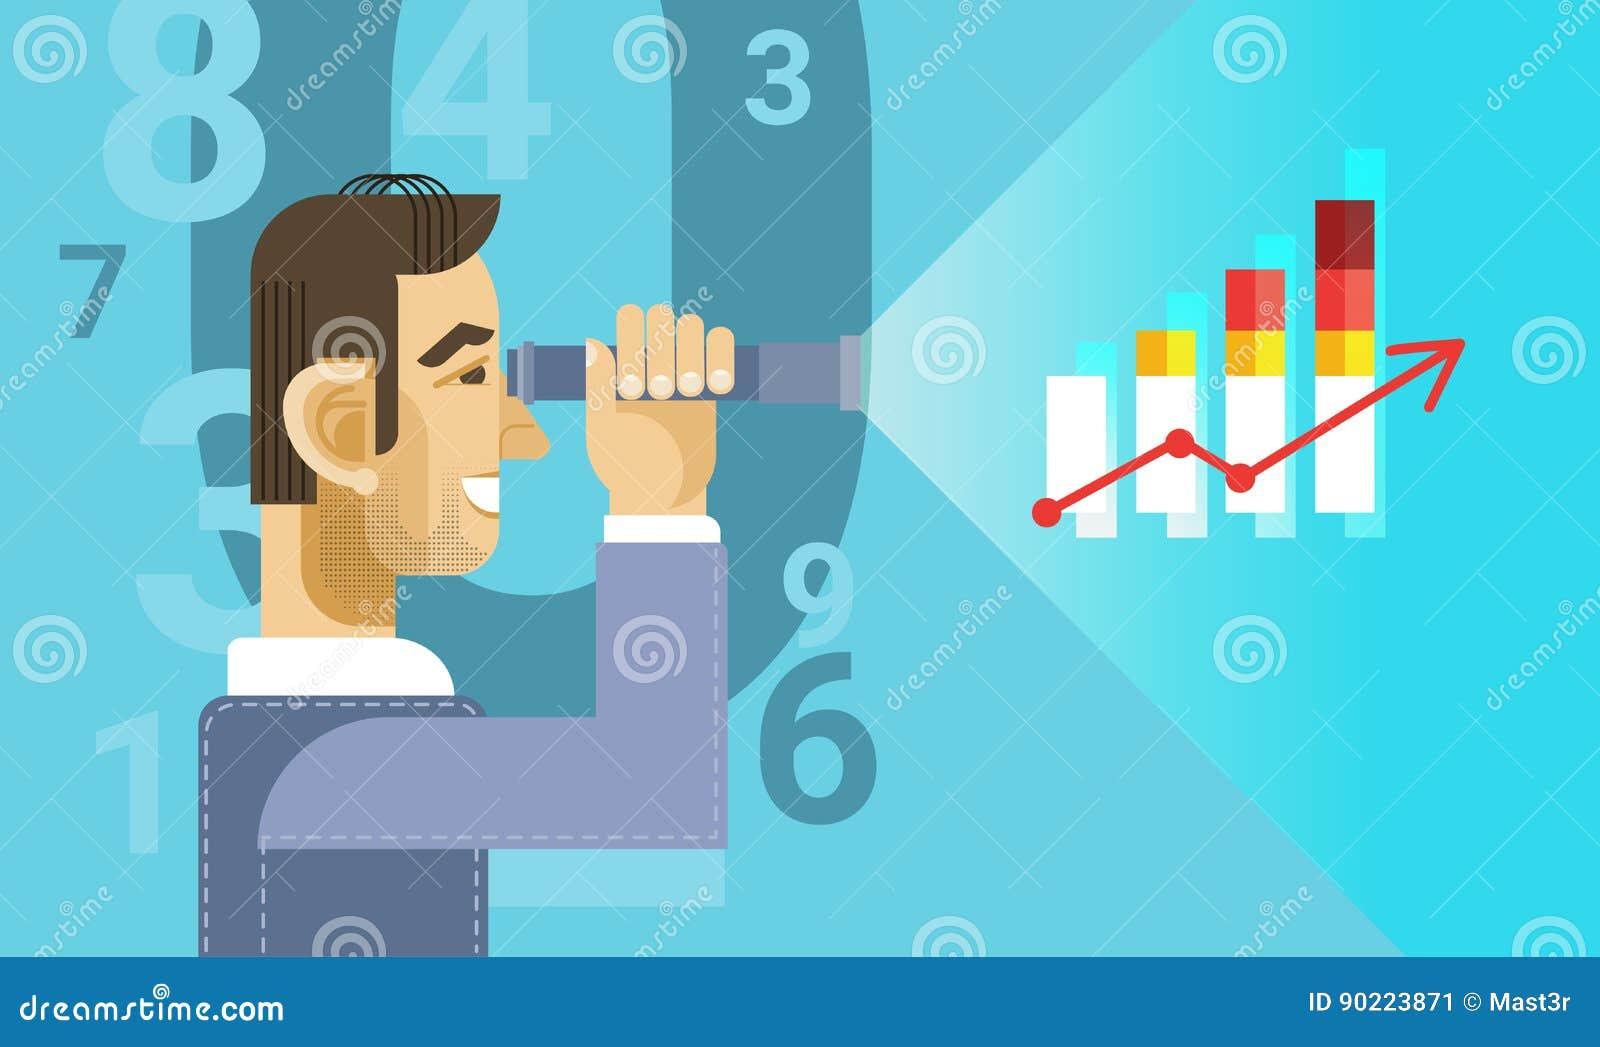 Arabischer Geschäftsmann, der binokular schaut, um Diagramm-Diagramm-Bericht zu finanzieren